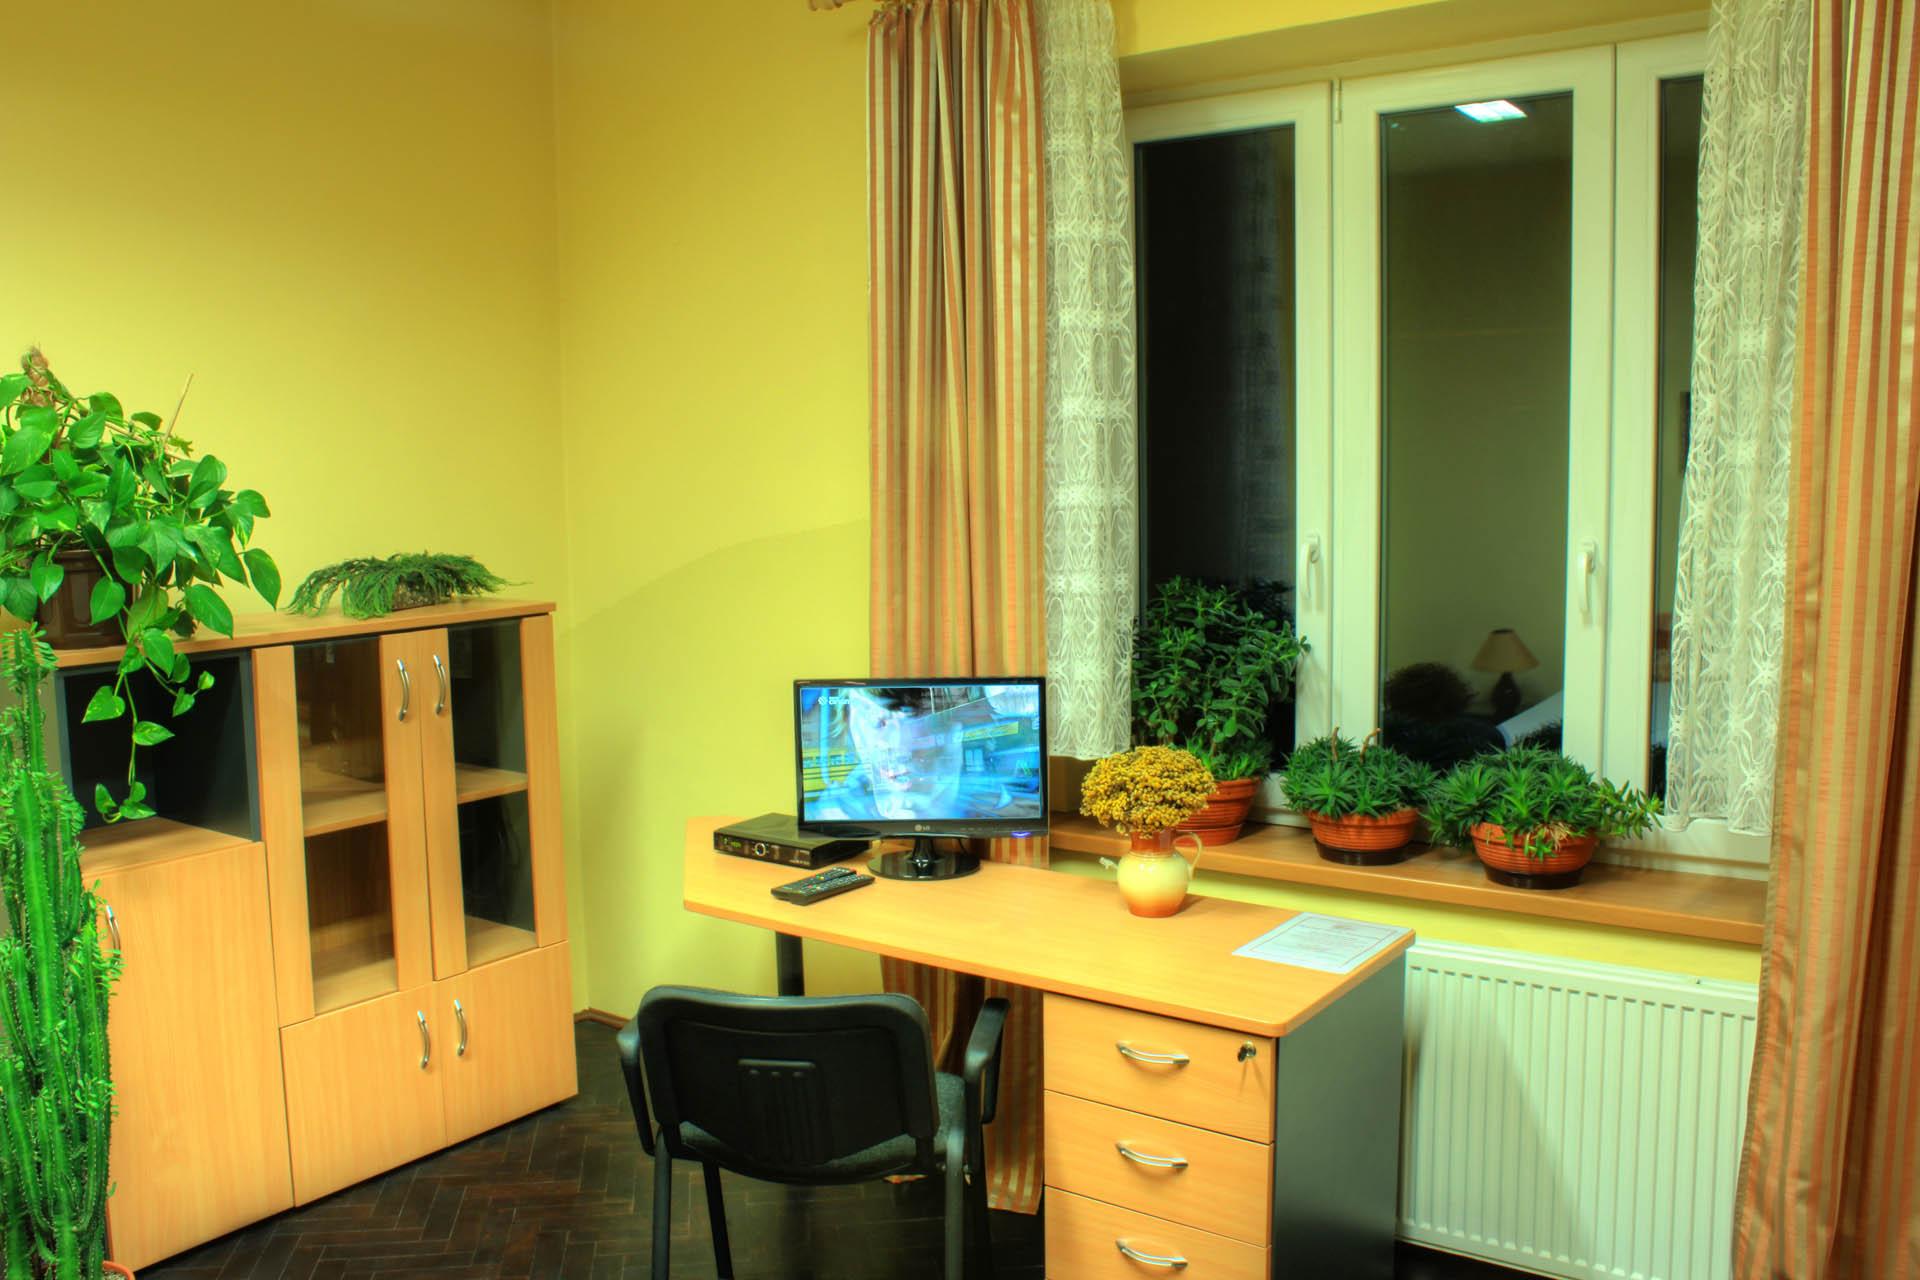 Úložné prostory, pracovní stůl se satelitní televizí a dekorace živými květinami v pokoji Lukrécie